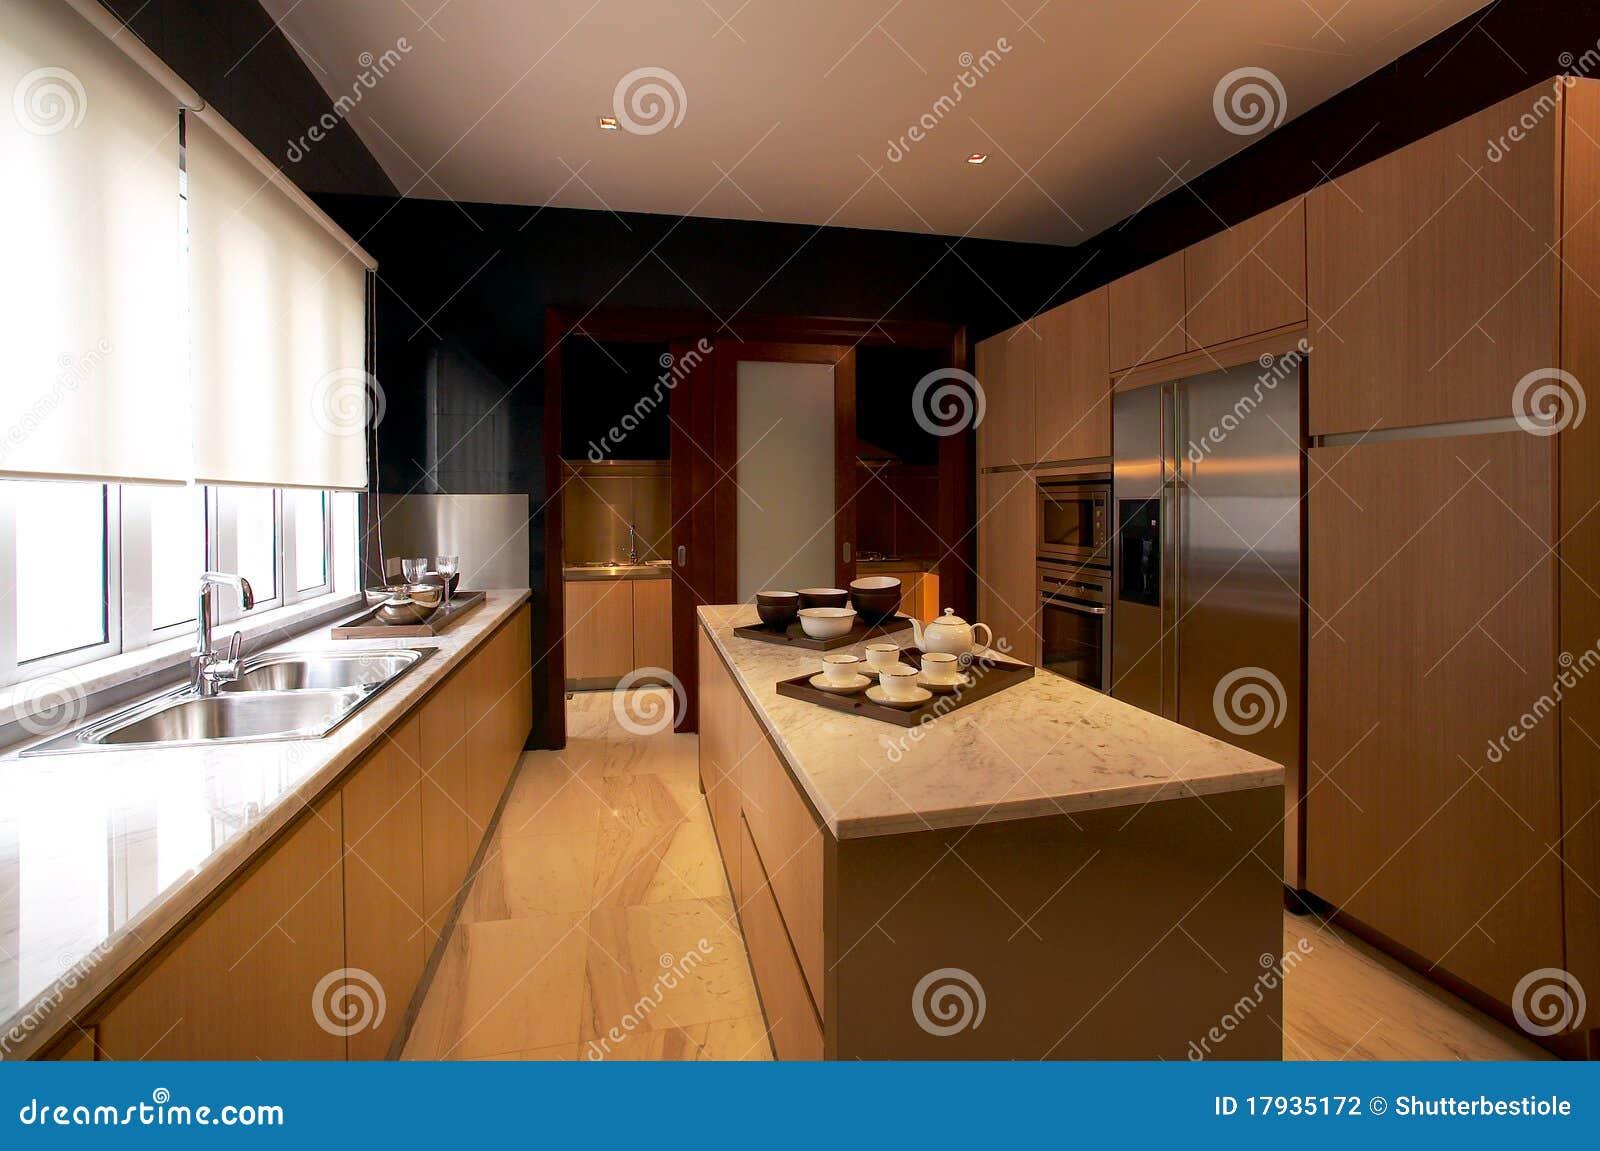 #2C1609 Cozinha Moderna Fotografia de Stock Imagem: 17935172 1300x952 px Projetos Modernos De Cozinha #839 imagens